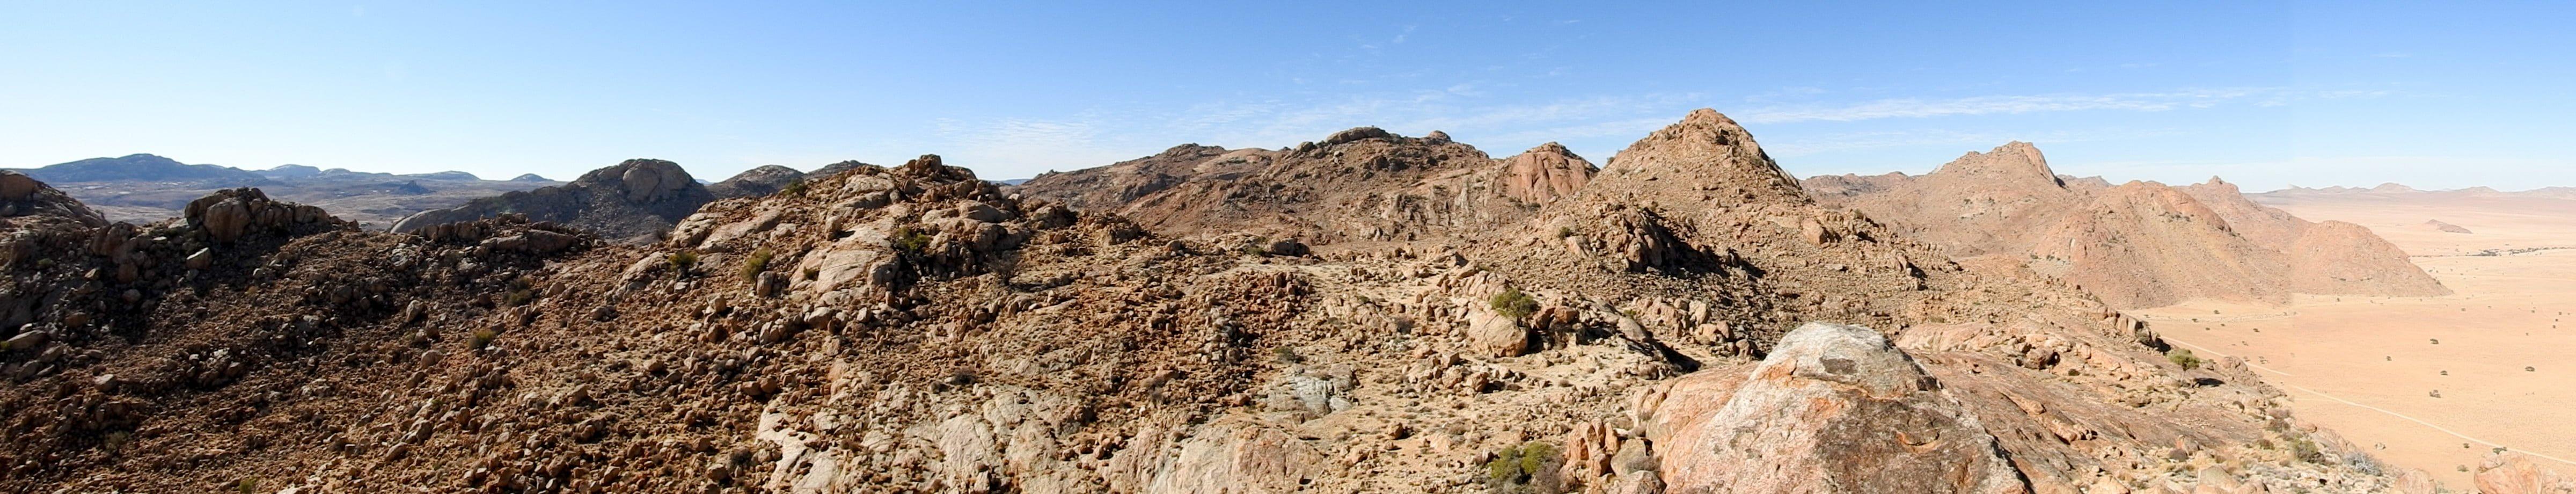 Namibia-Aus-Berge-02